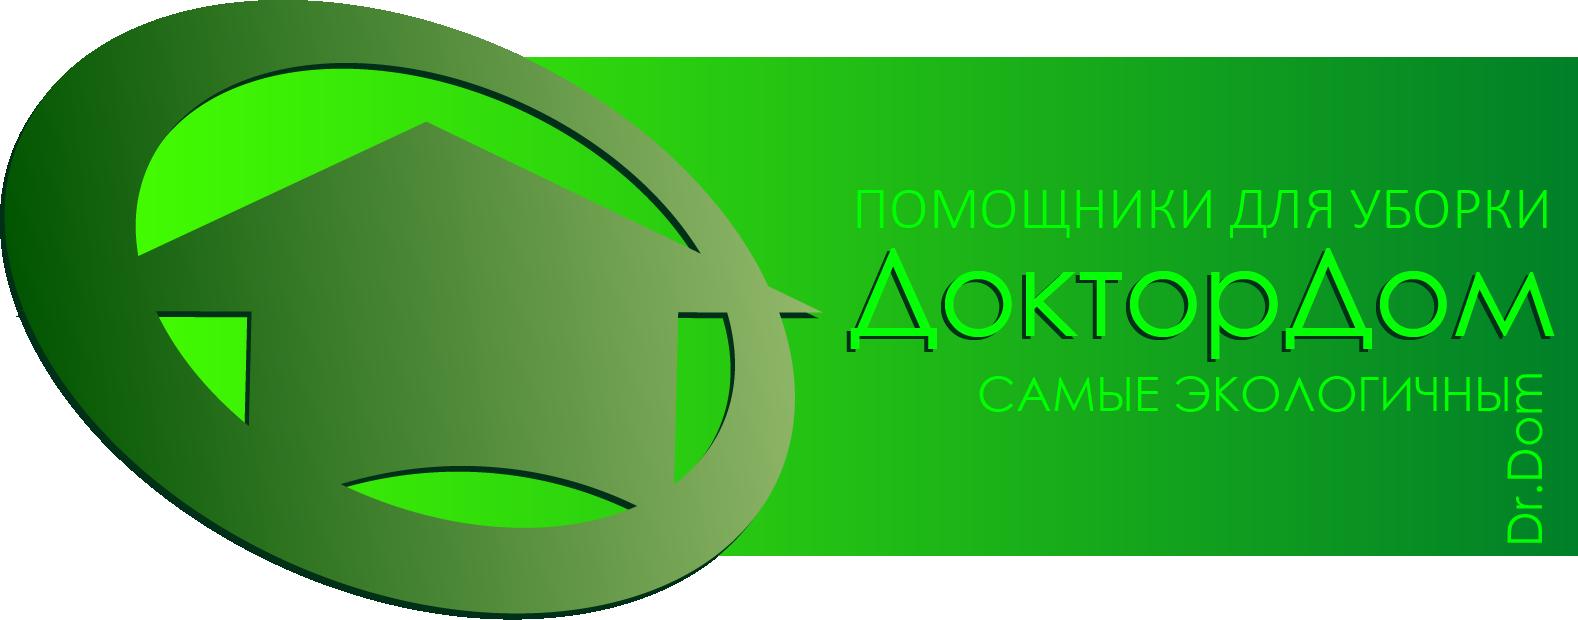 Разработать логотип для сети магазинов бытовой химии и товаров для уборки фото f_5476001c6294879d.png